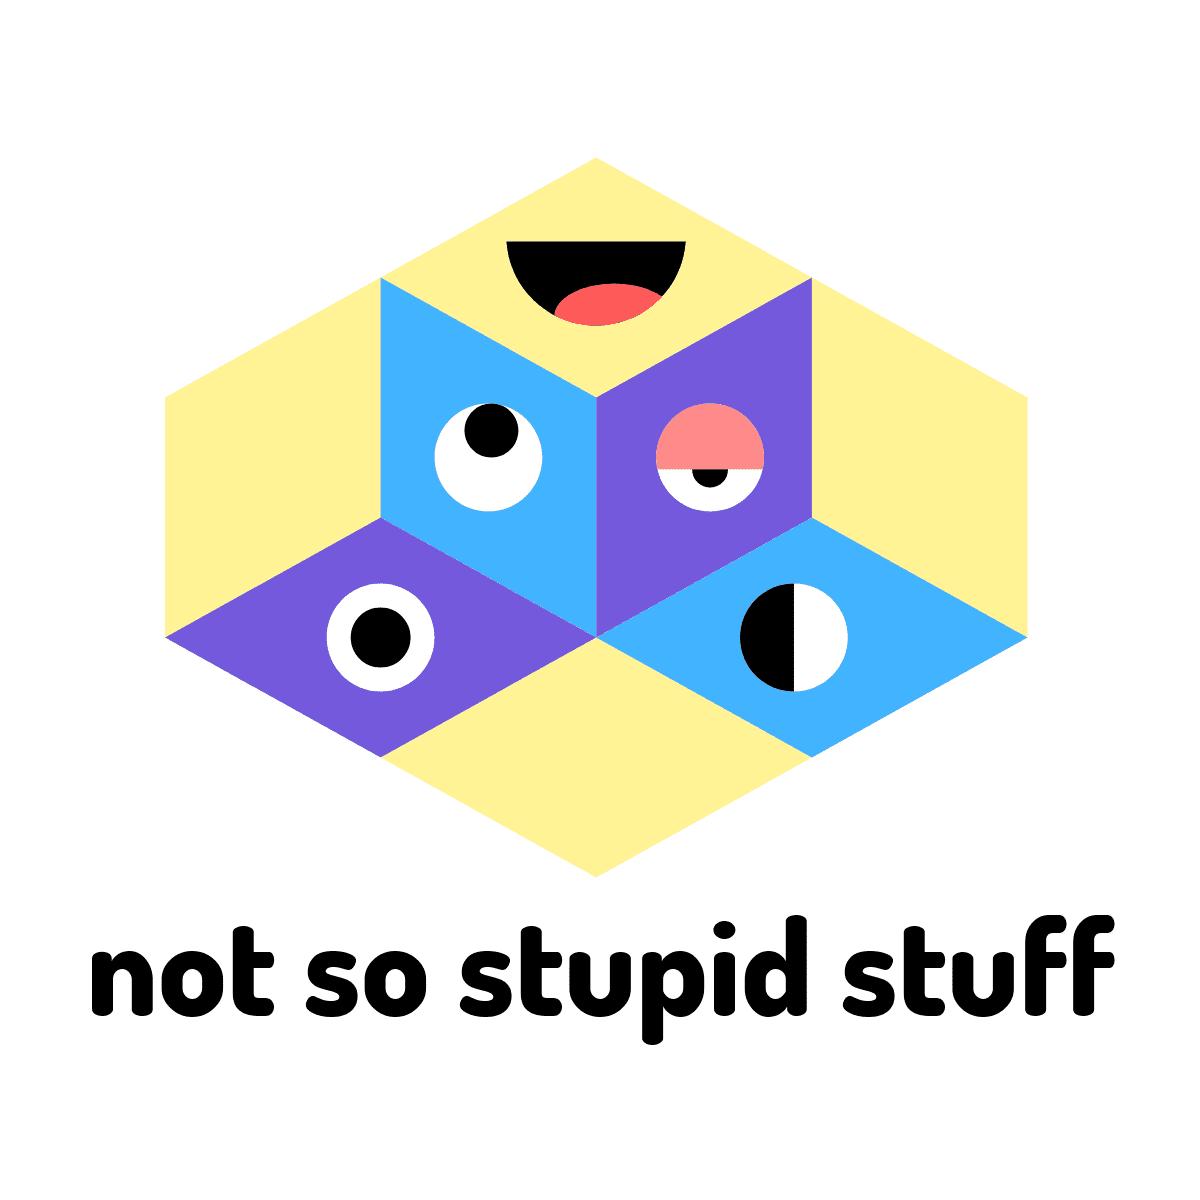 Not So Stupid Stuff